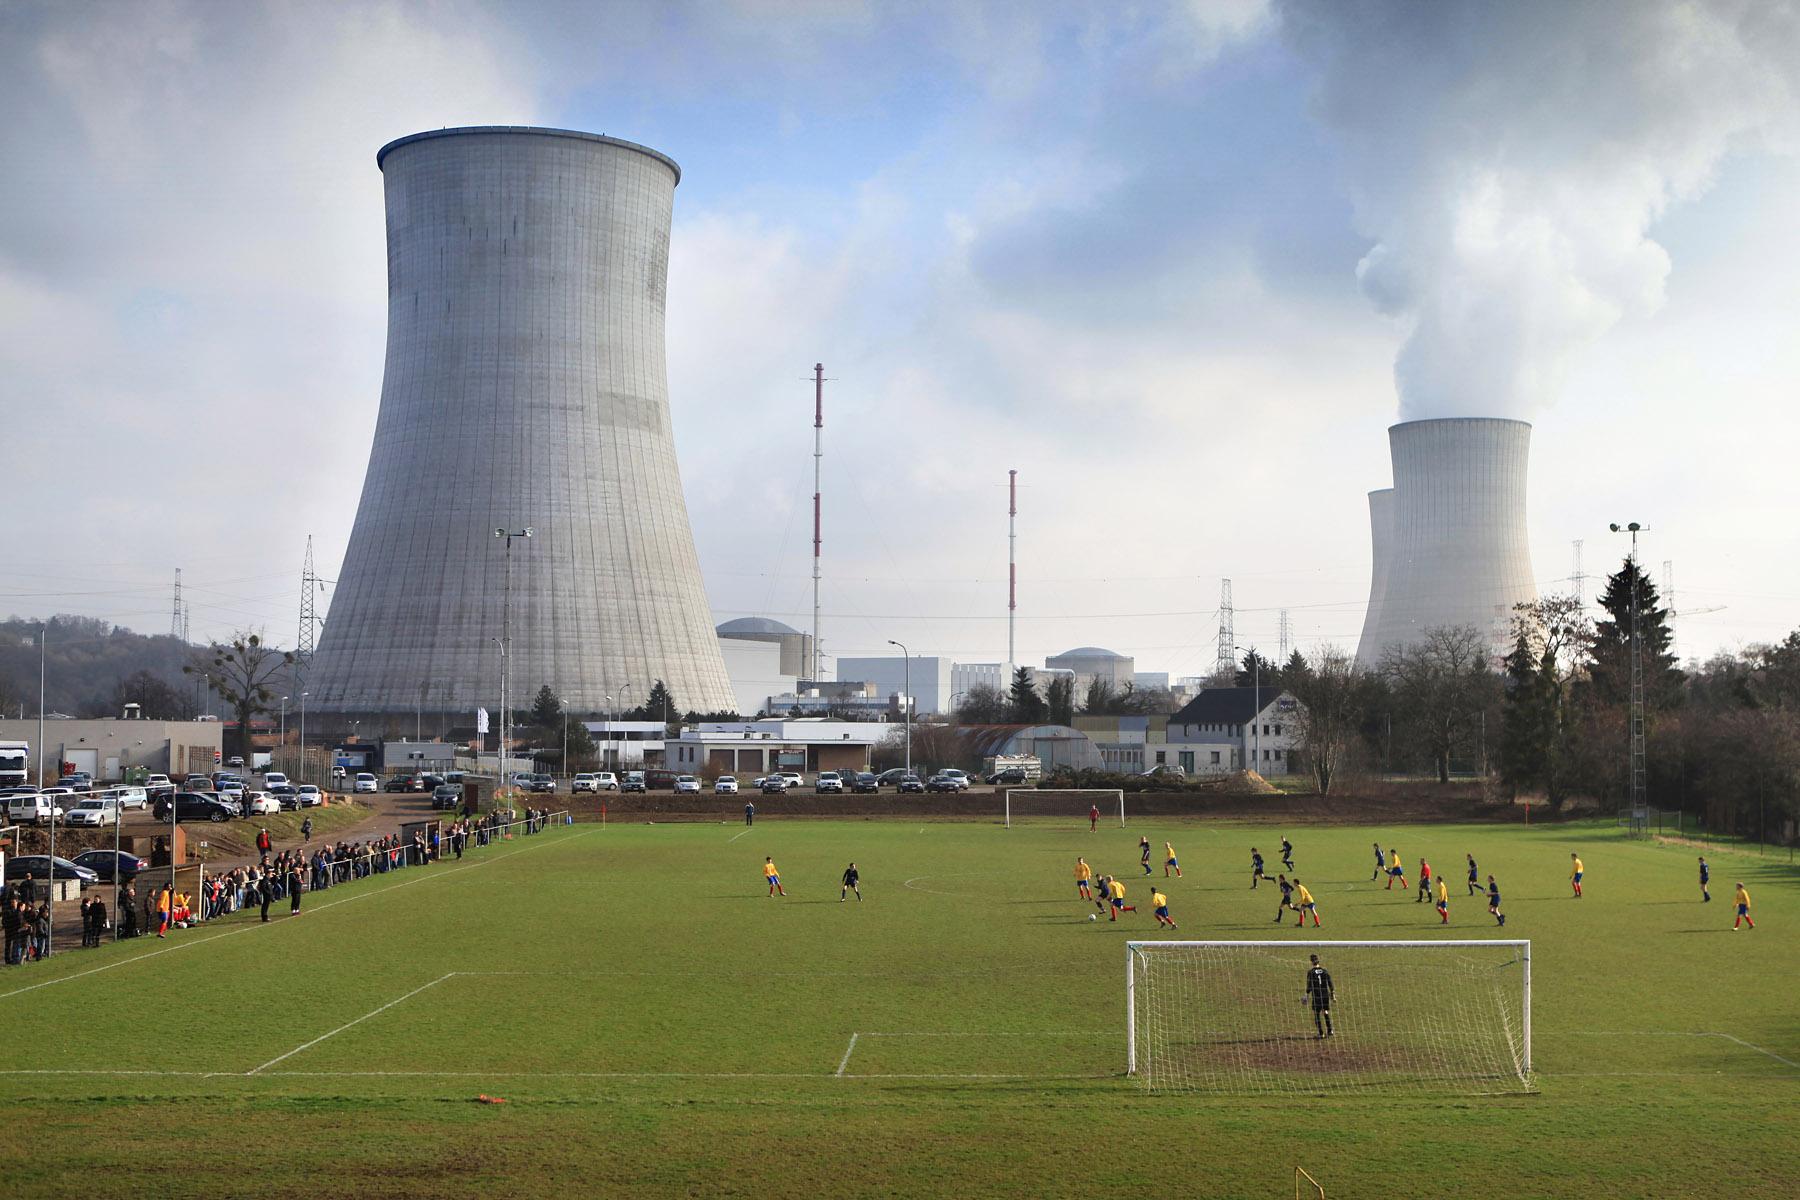 Tung kernekraft kan ikke holde det belgiske fodboldfolk på afstand. Foto: Jürgen Vantomme